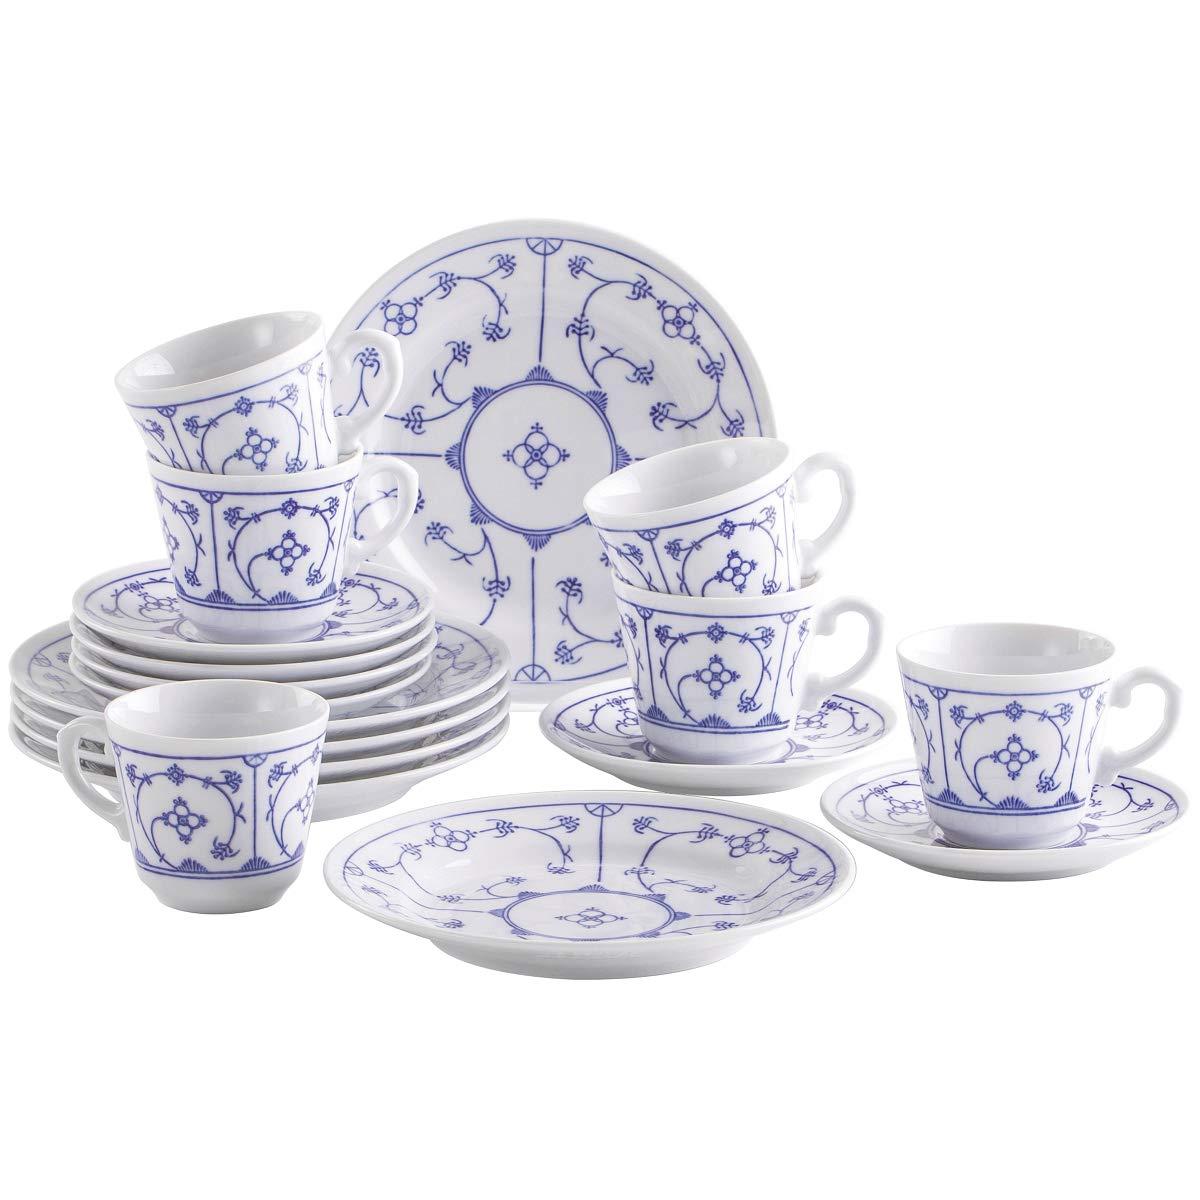 Kahla Kaffeeservice für 6 Personen Frühstücksset 18-teilig weiß blau Kuchenteller Tasse Untertasse Porzellan Vintage Blumenmuster